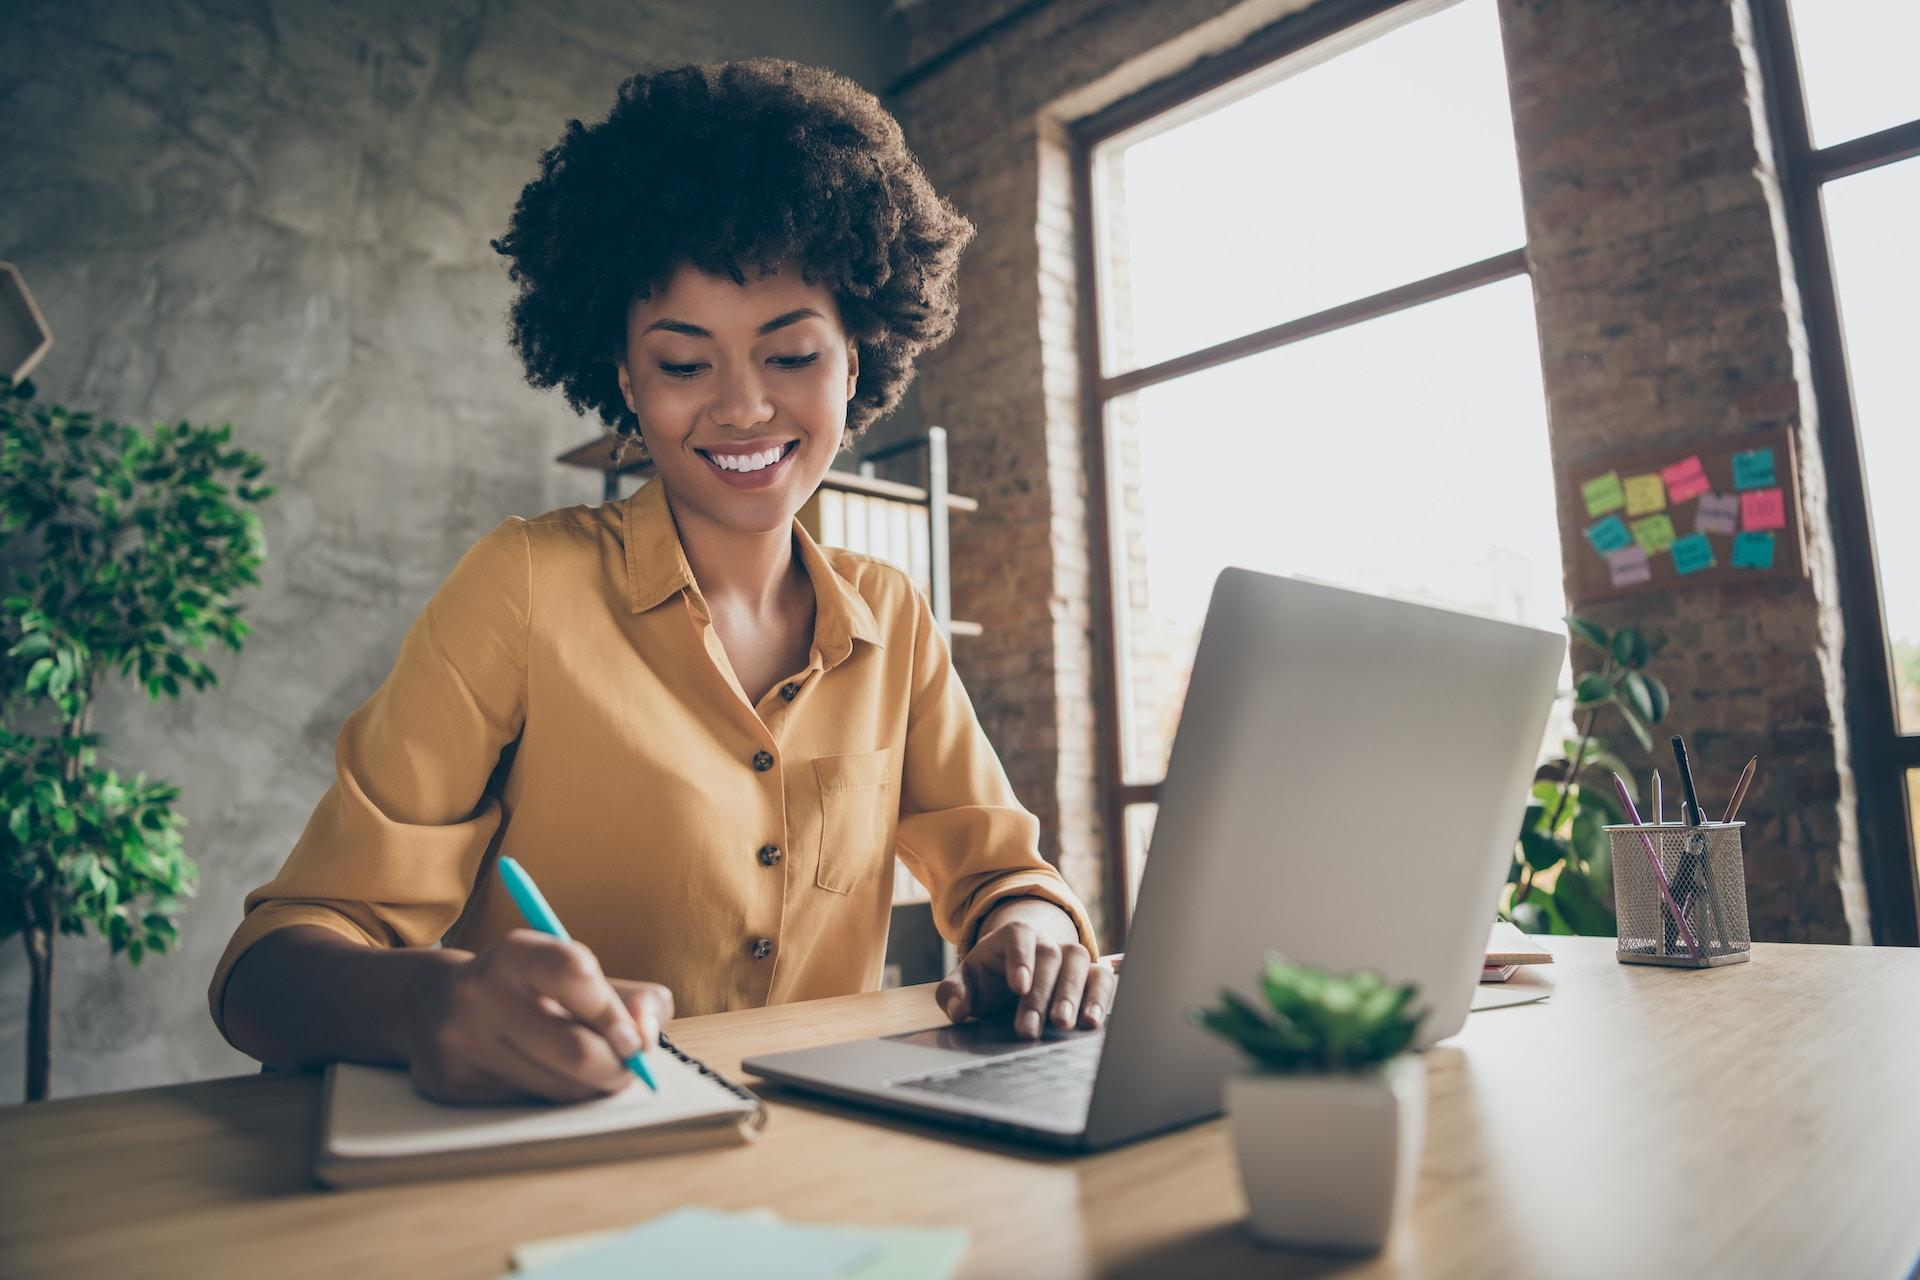 Man sieht eine junge afroamerikanische Frau an ihrem Laptop arbeiten